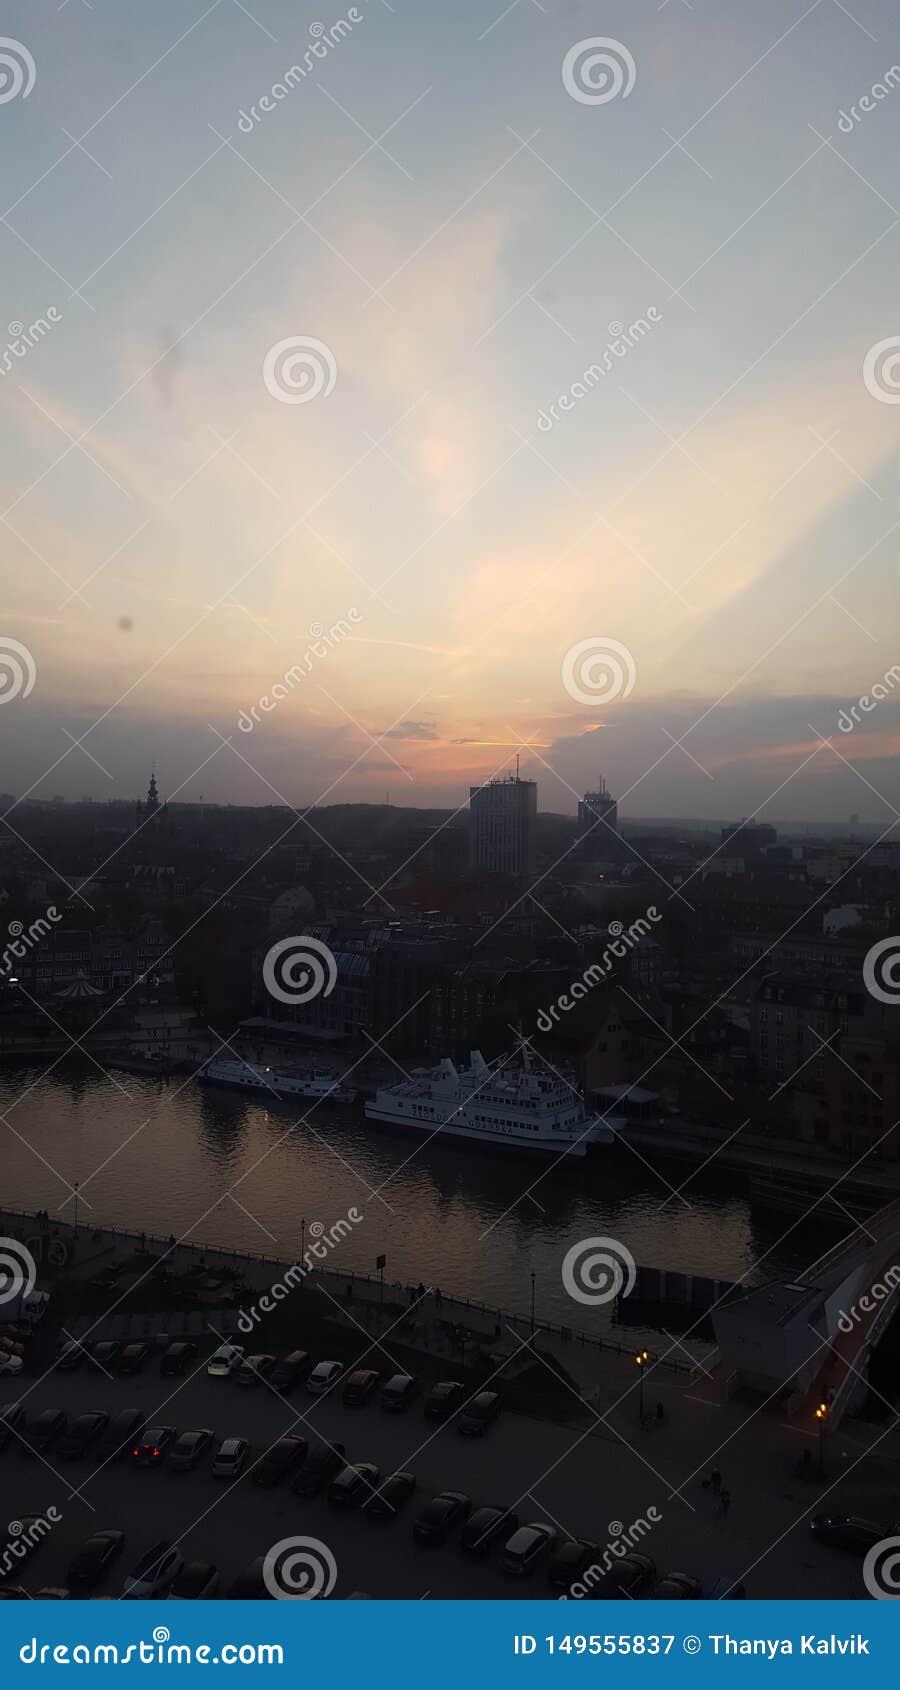 Highview EveningTime, Gdansk Poland